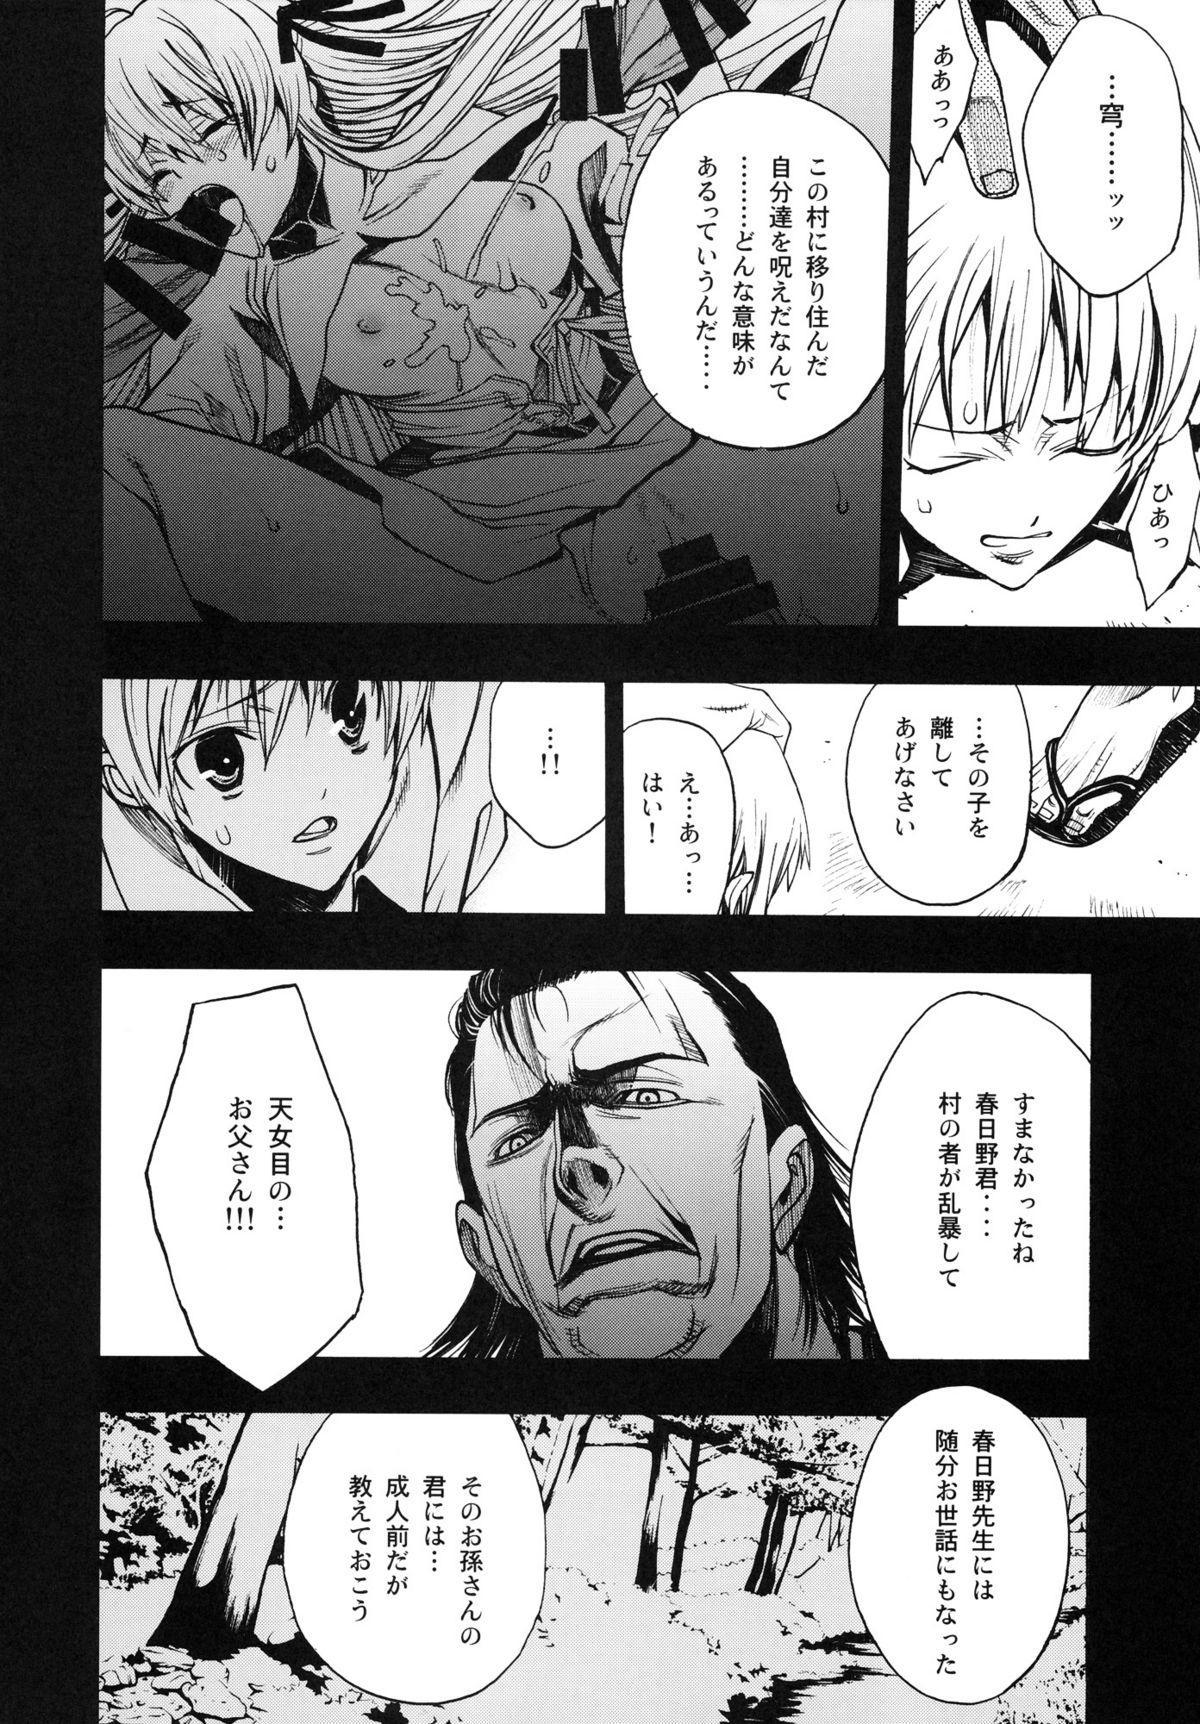 Yosuka no Yoru 14